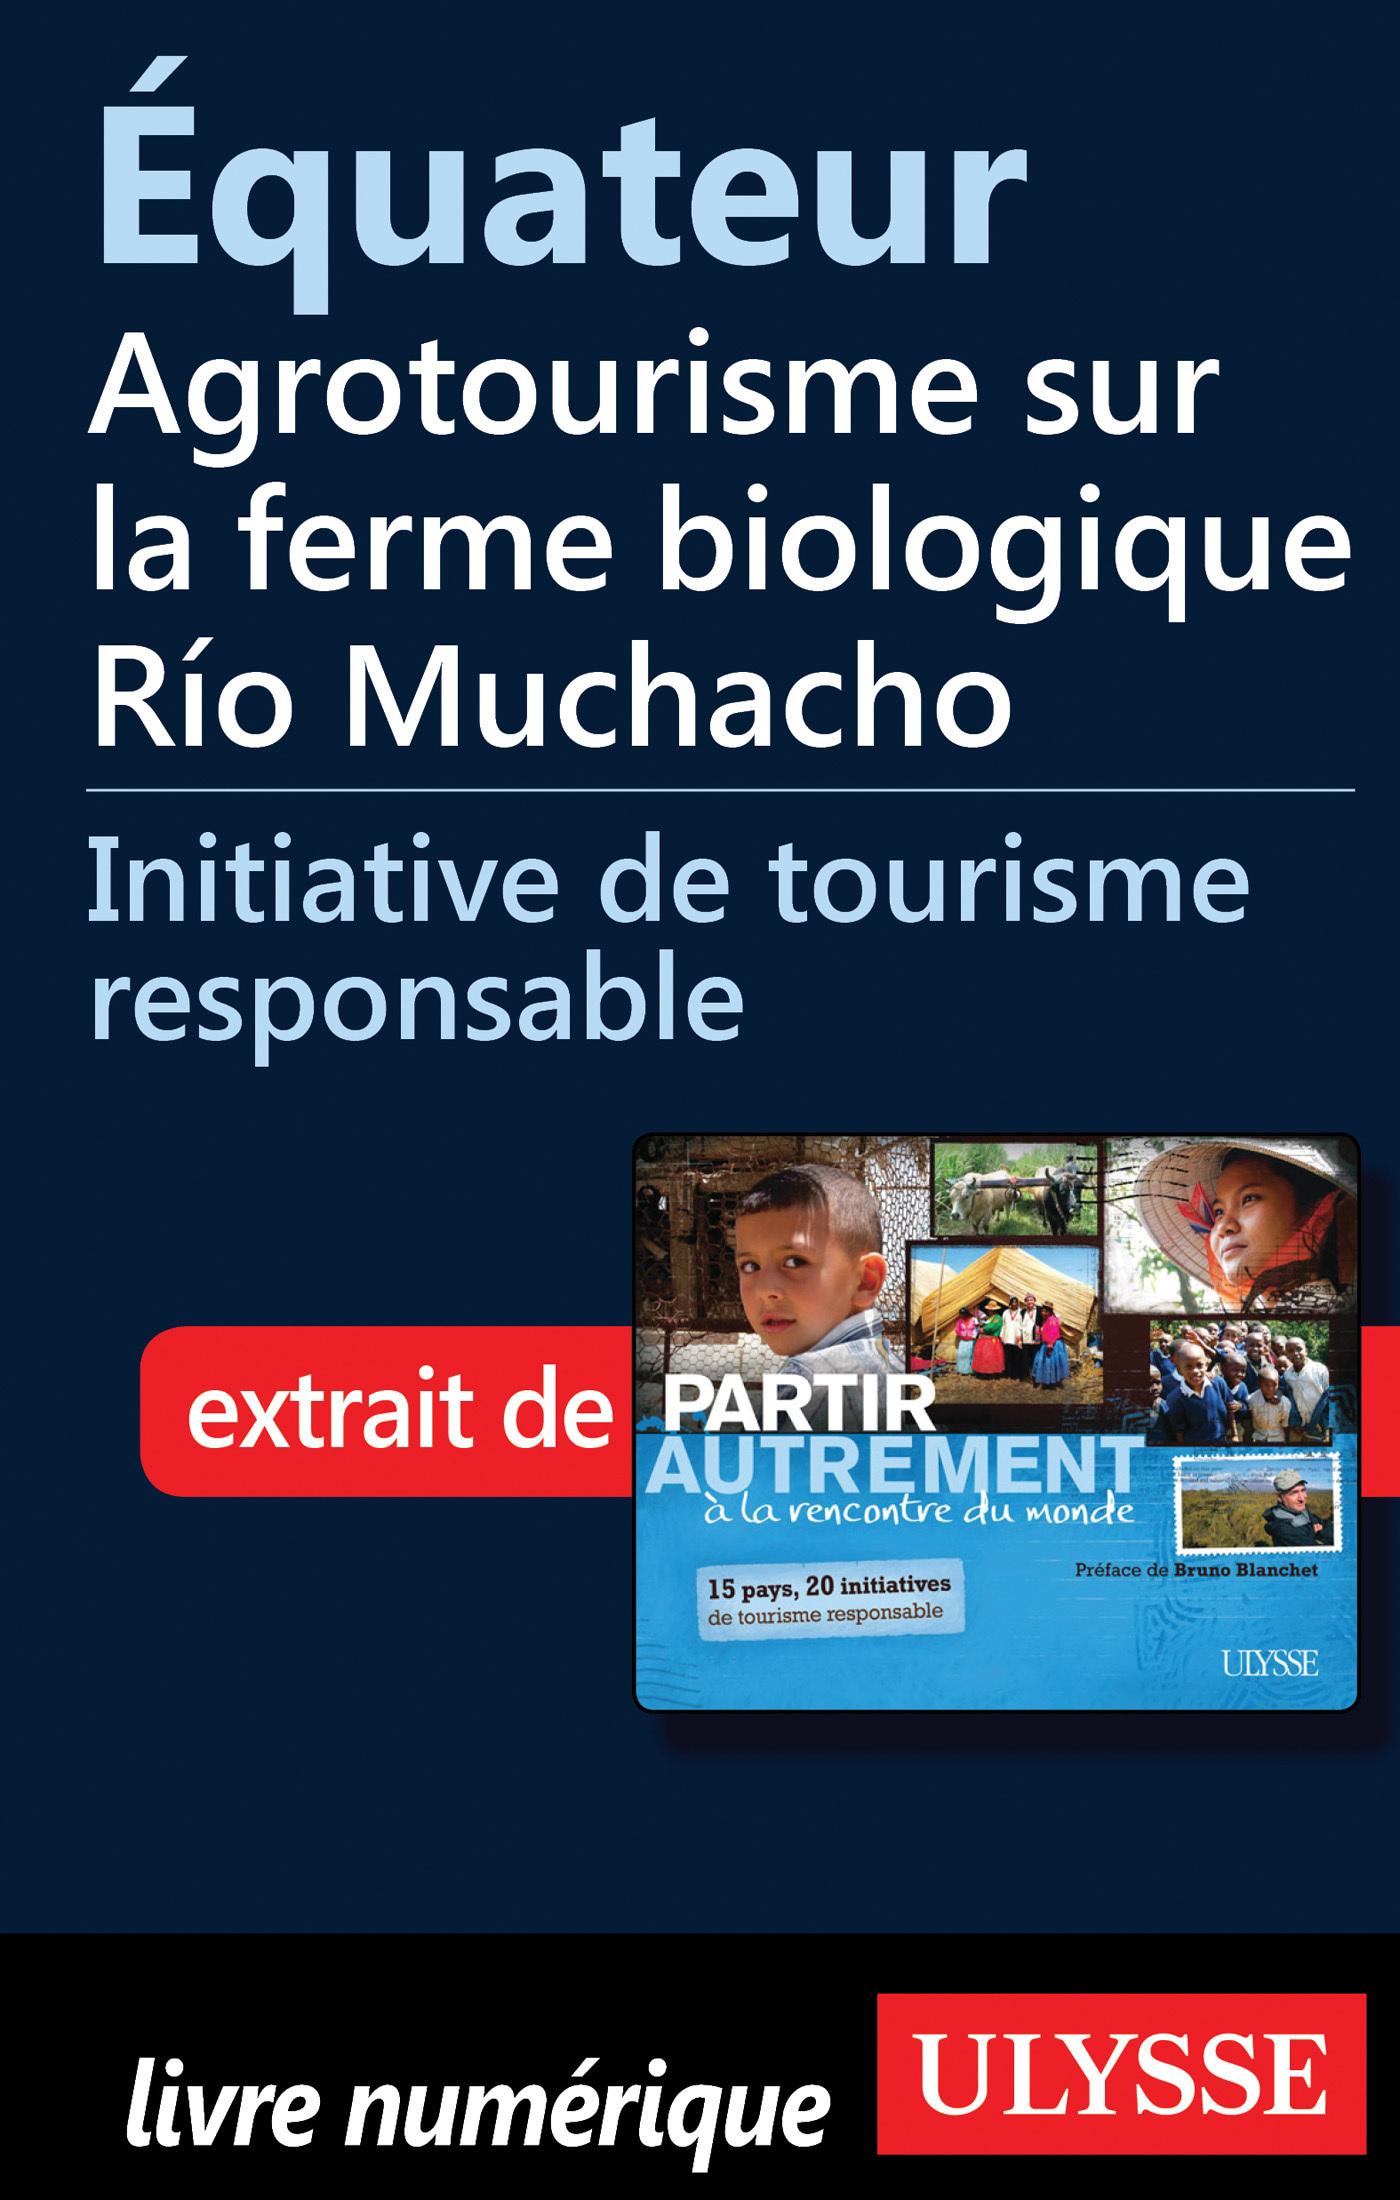 Equateur: Agrotourisme sur la ferme biologique Rio Muchacho